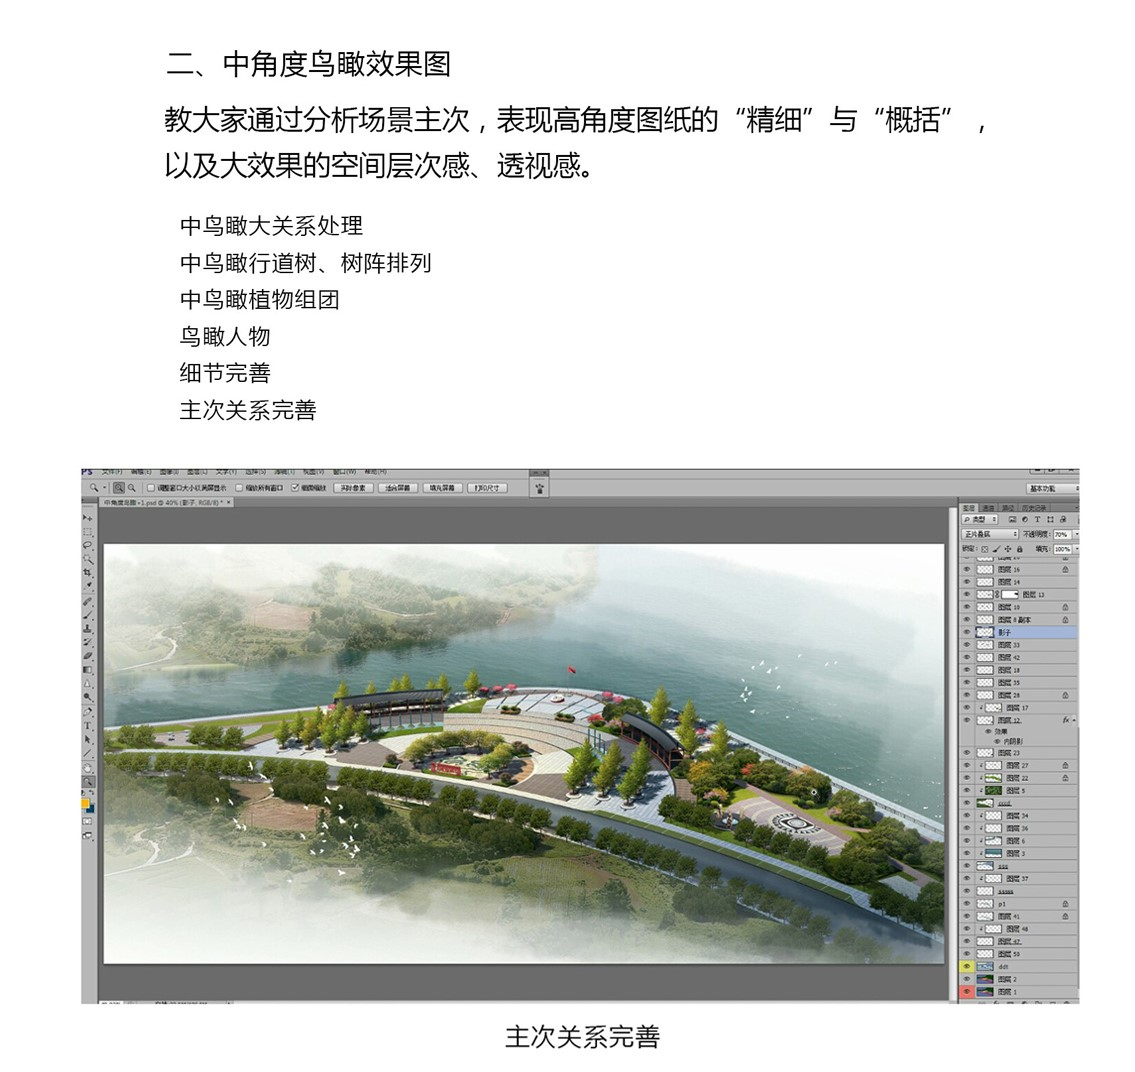 中角度鳥瞰效果圖,Photoshop景觀效果圖,景觀效果圖表現,ps景觀效果圖